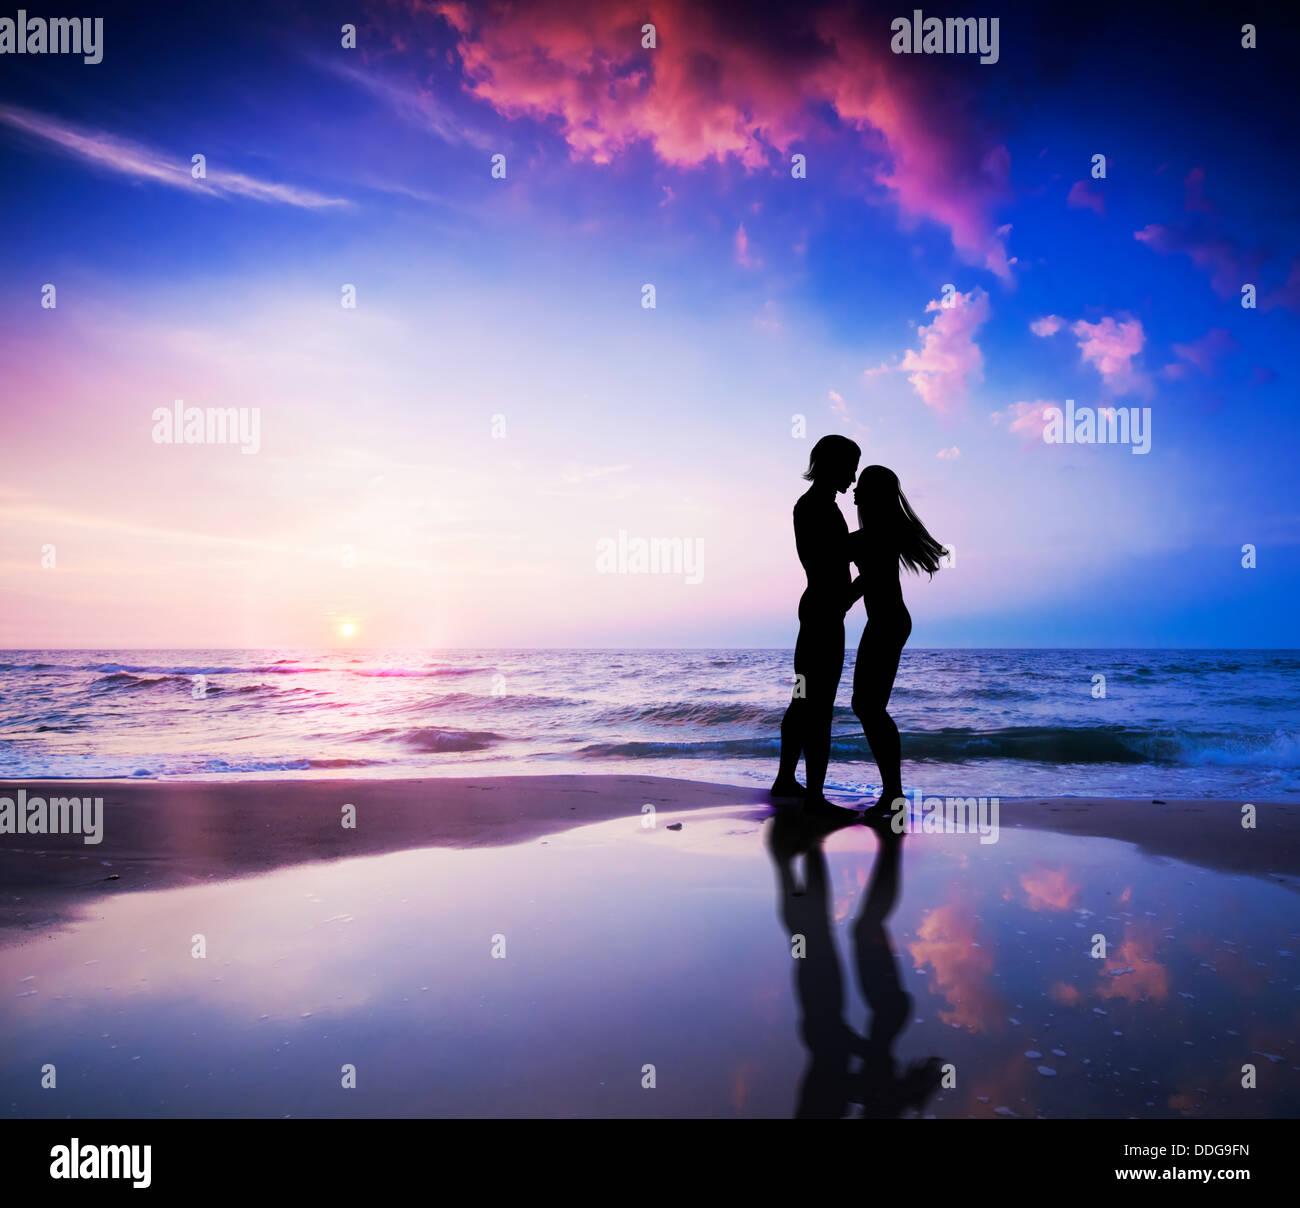 Couple romantique à propos d'embrasser sur la plage au coucher du soleil Banque D'Images